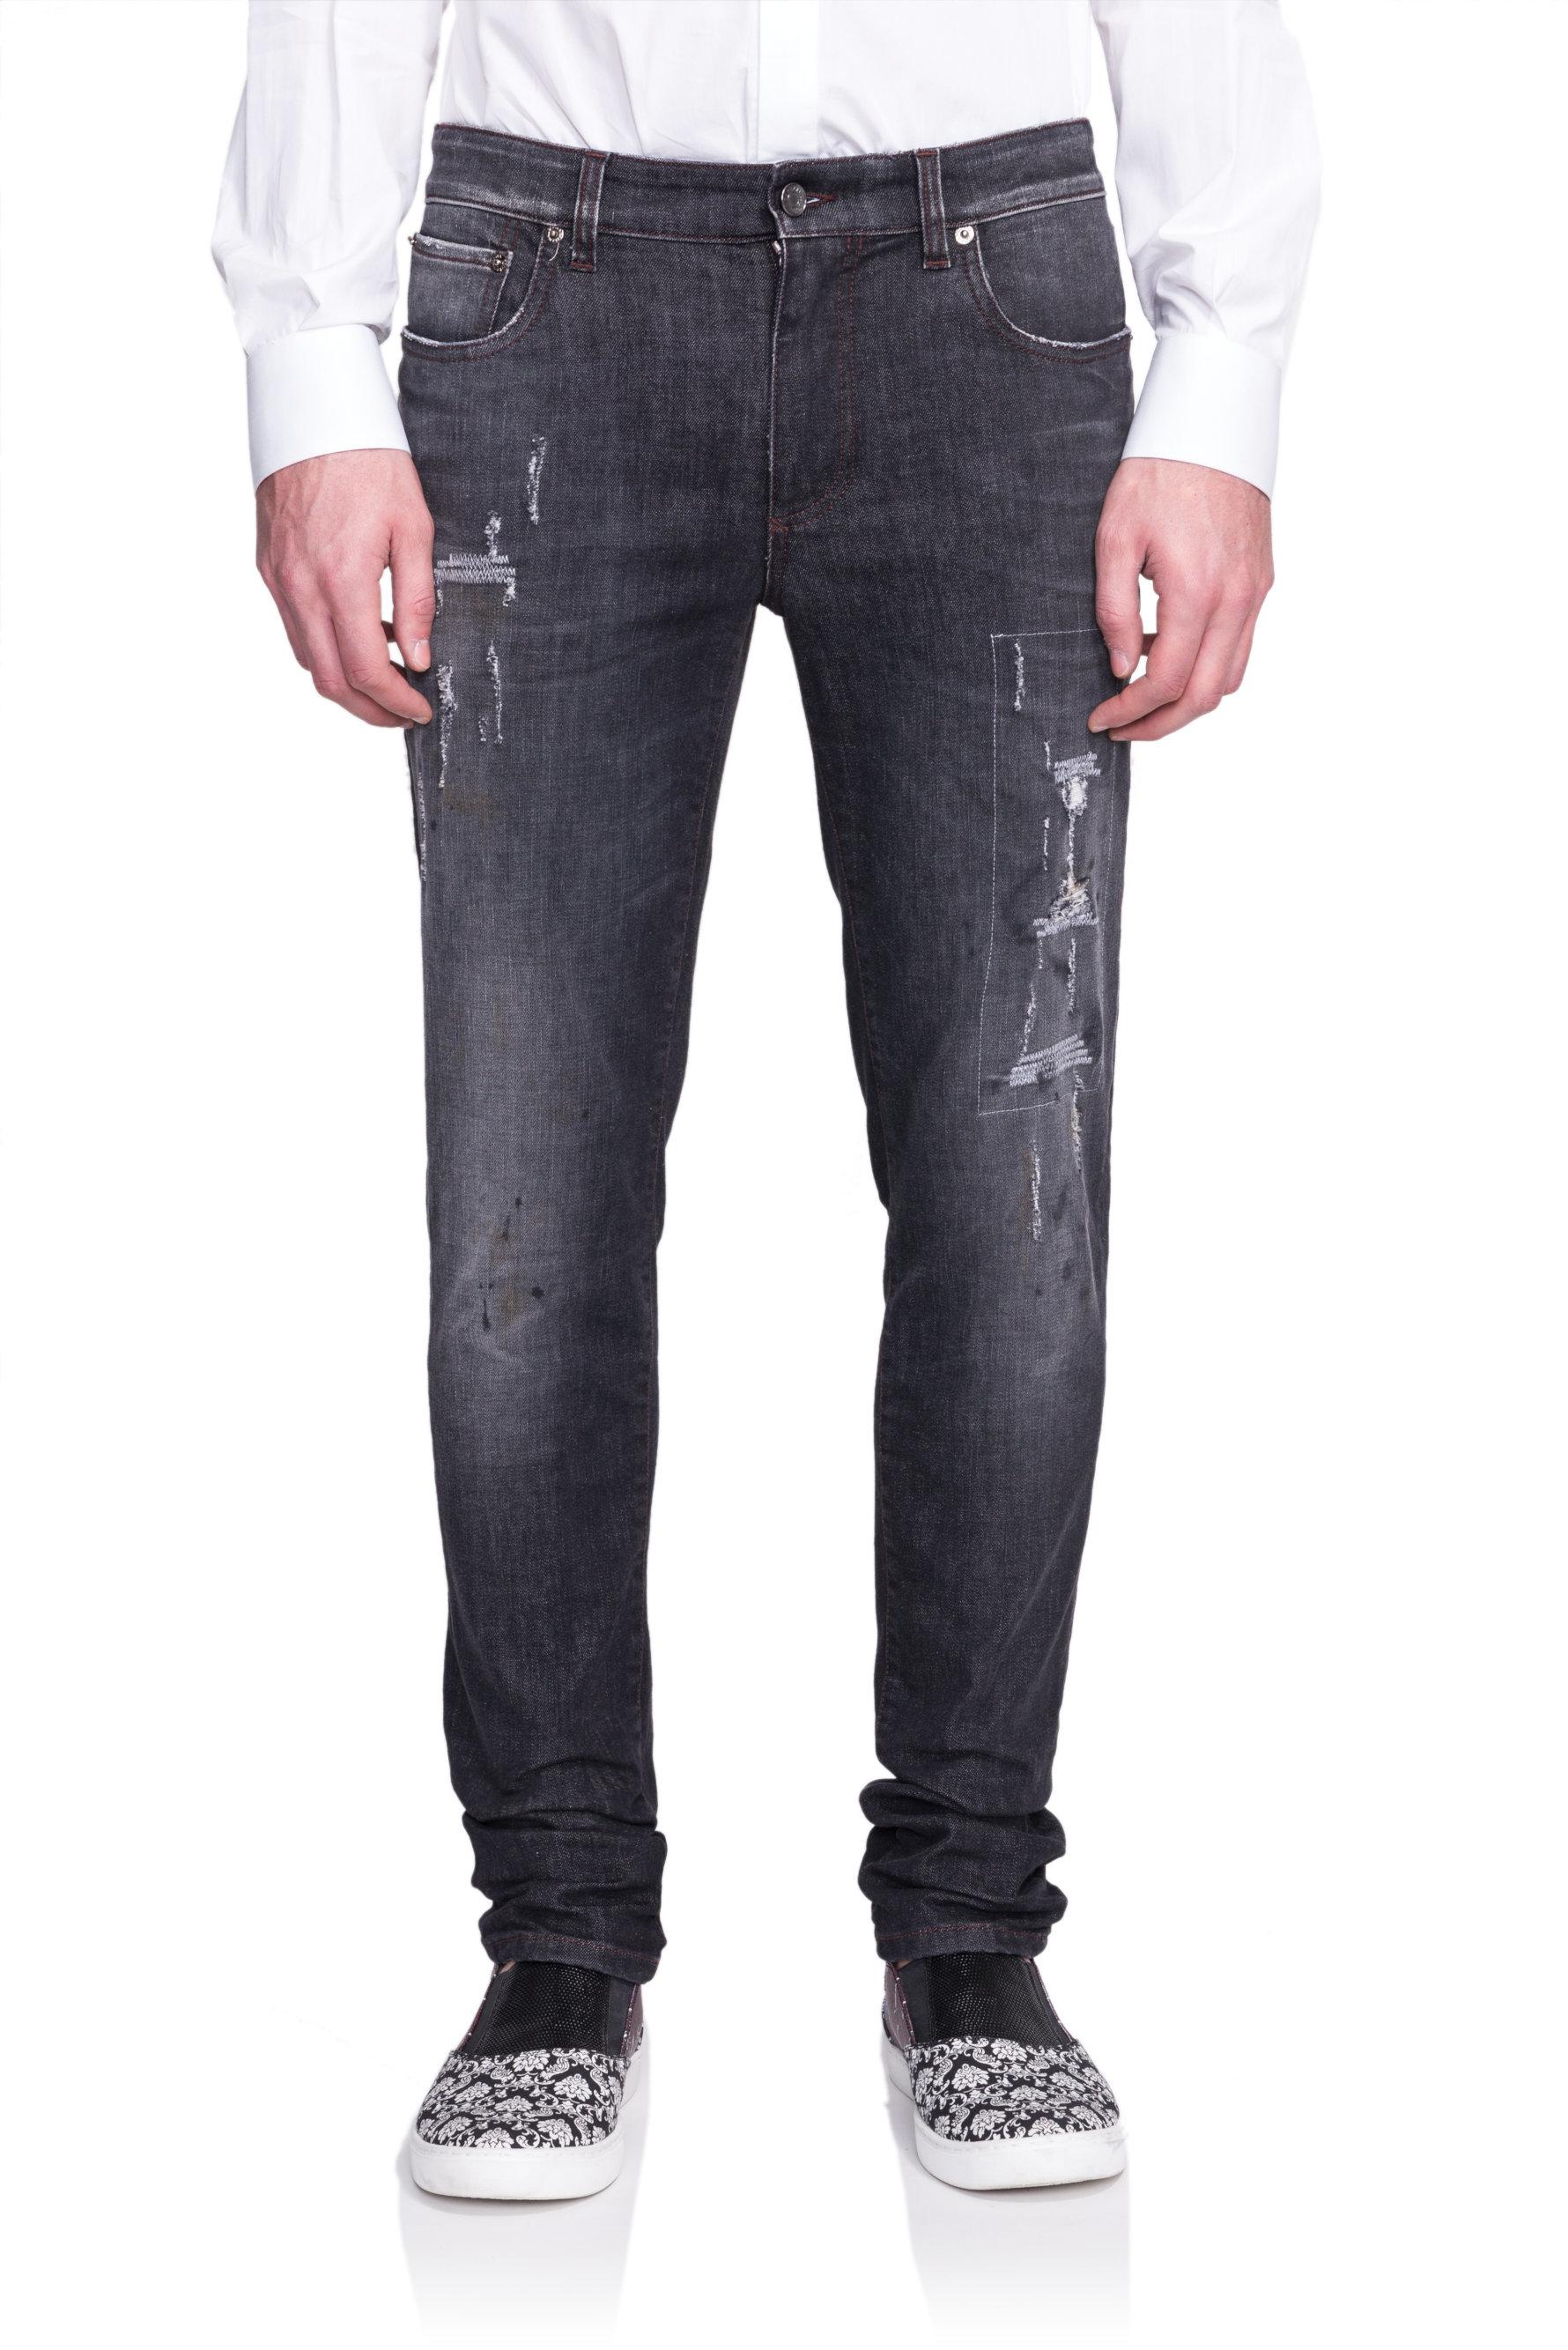 dolce gabbana distressed stretch denim jeans in black for men lyst. Black Bedroom Furniture Sets. Home Design Ideas